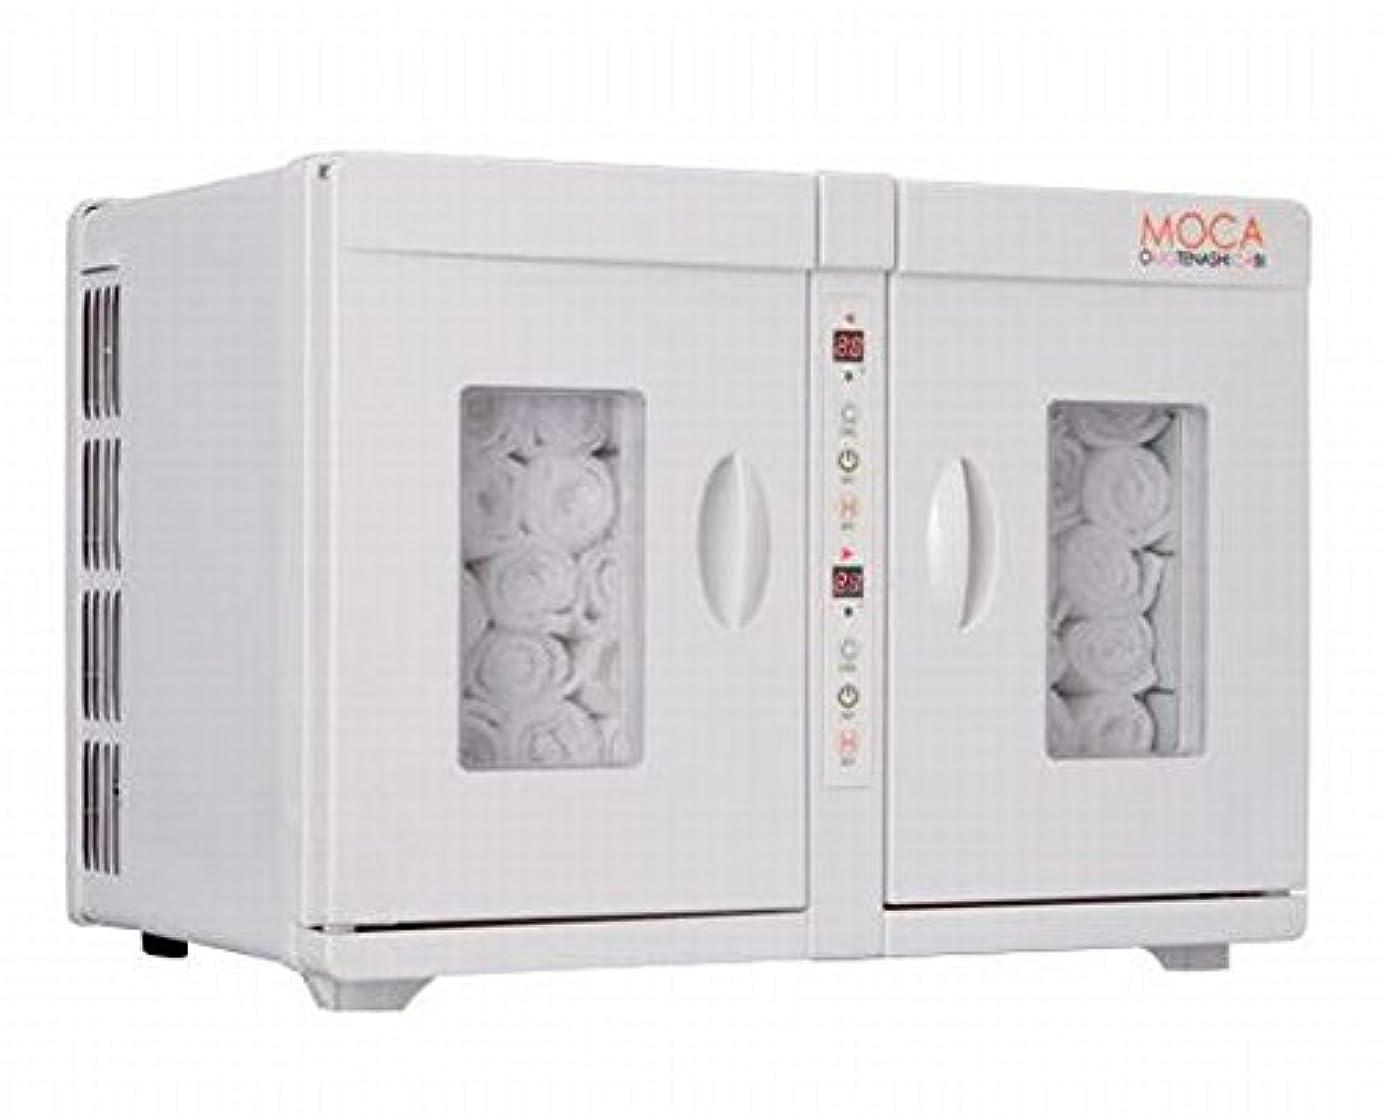 処方する代わりにインテリアタオルクーラー&ウォーマー それぞれに温?冷を設定できる優れもの 大型タイプ